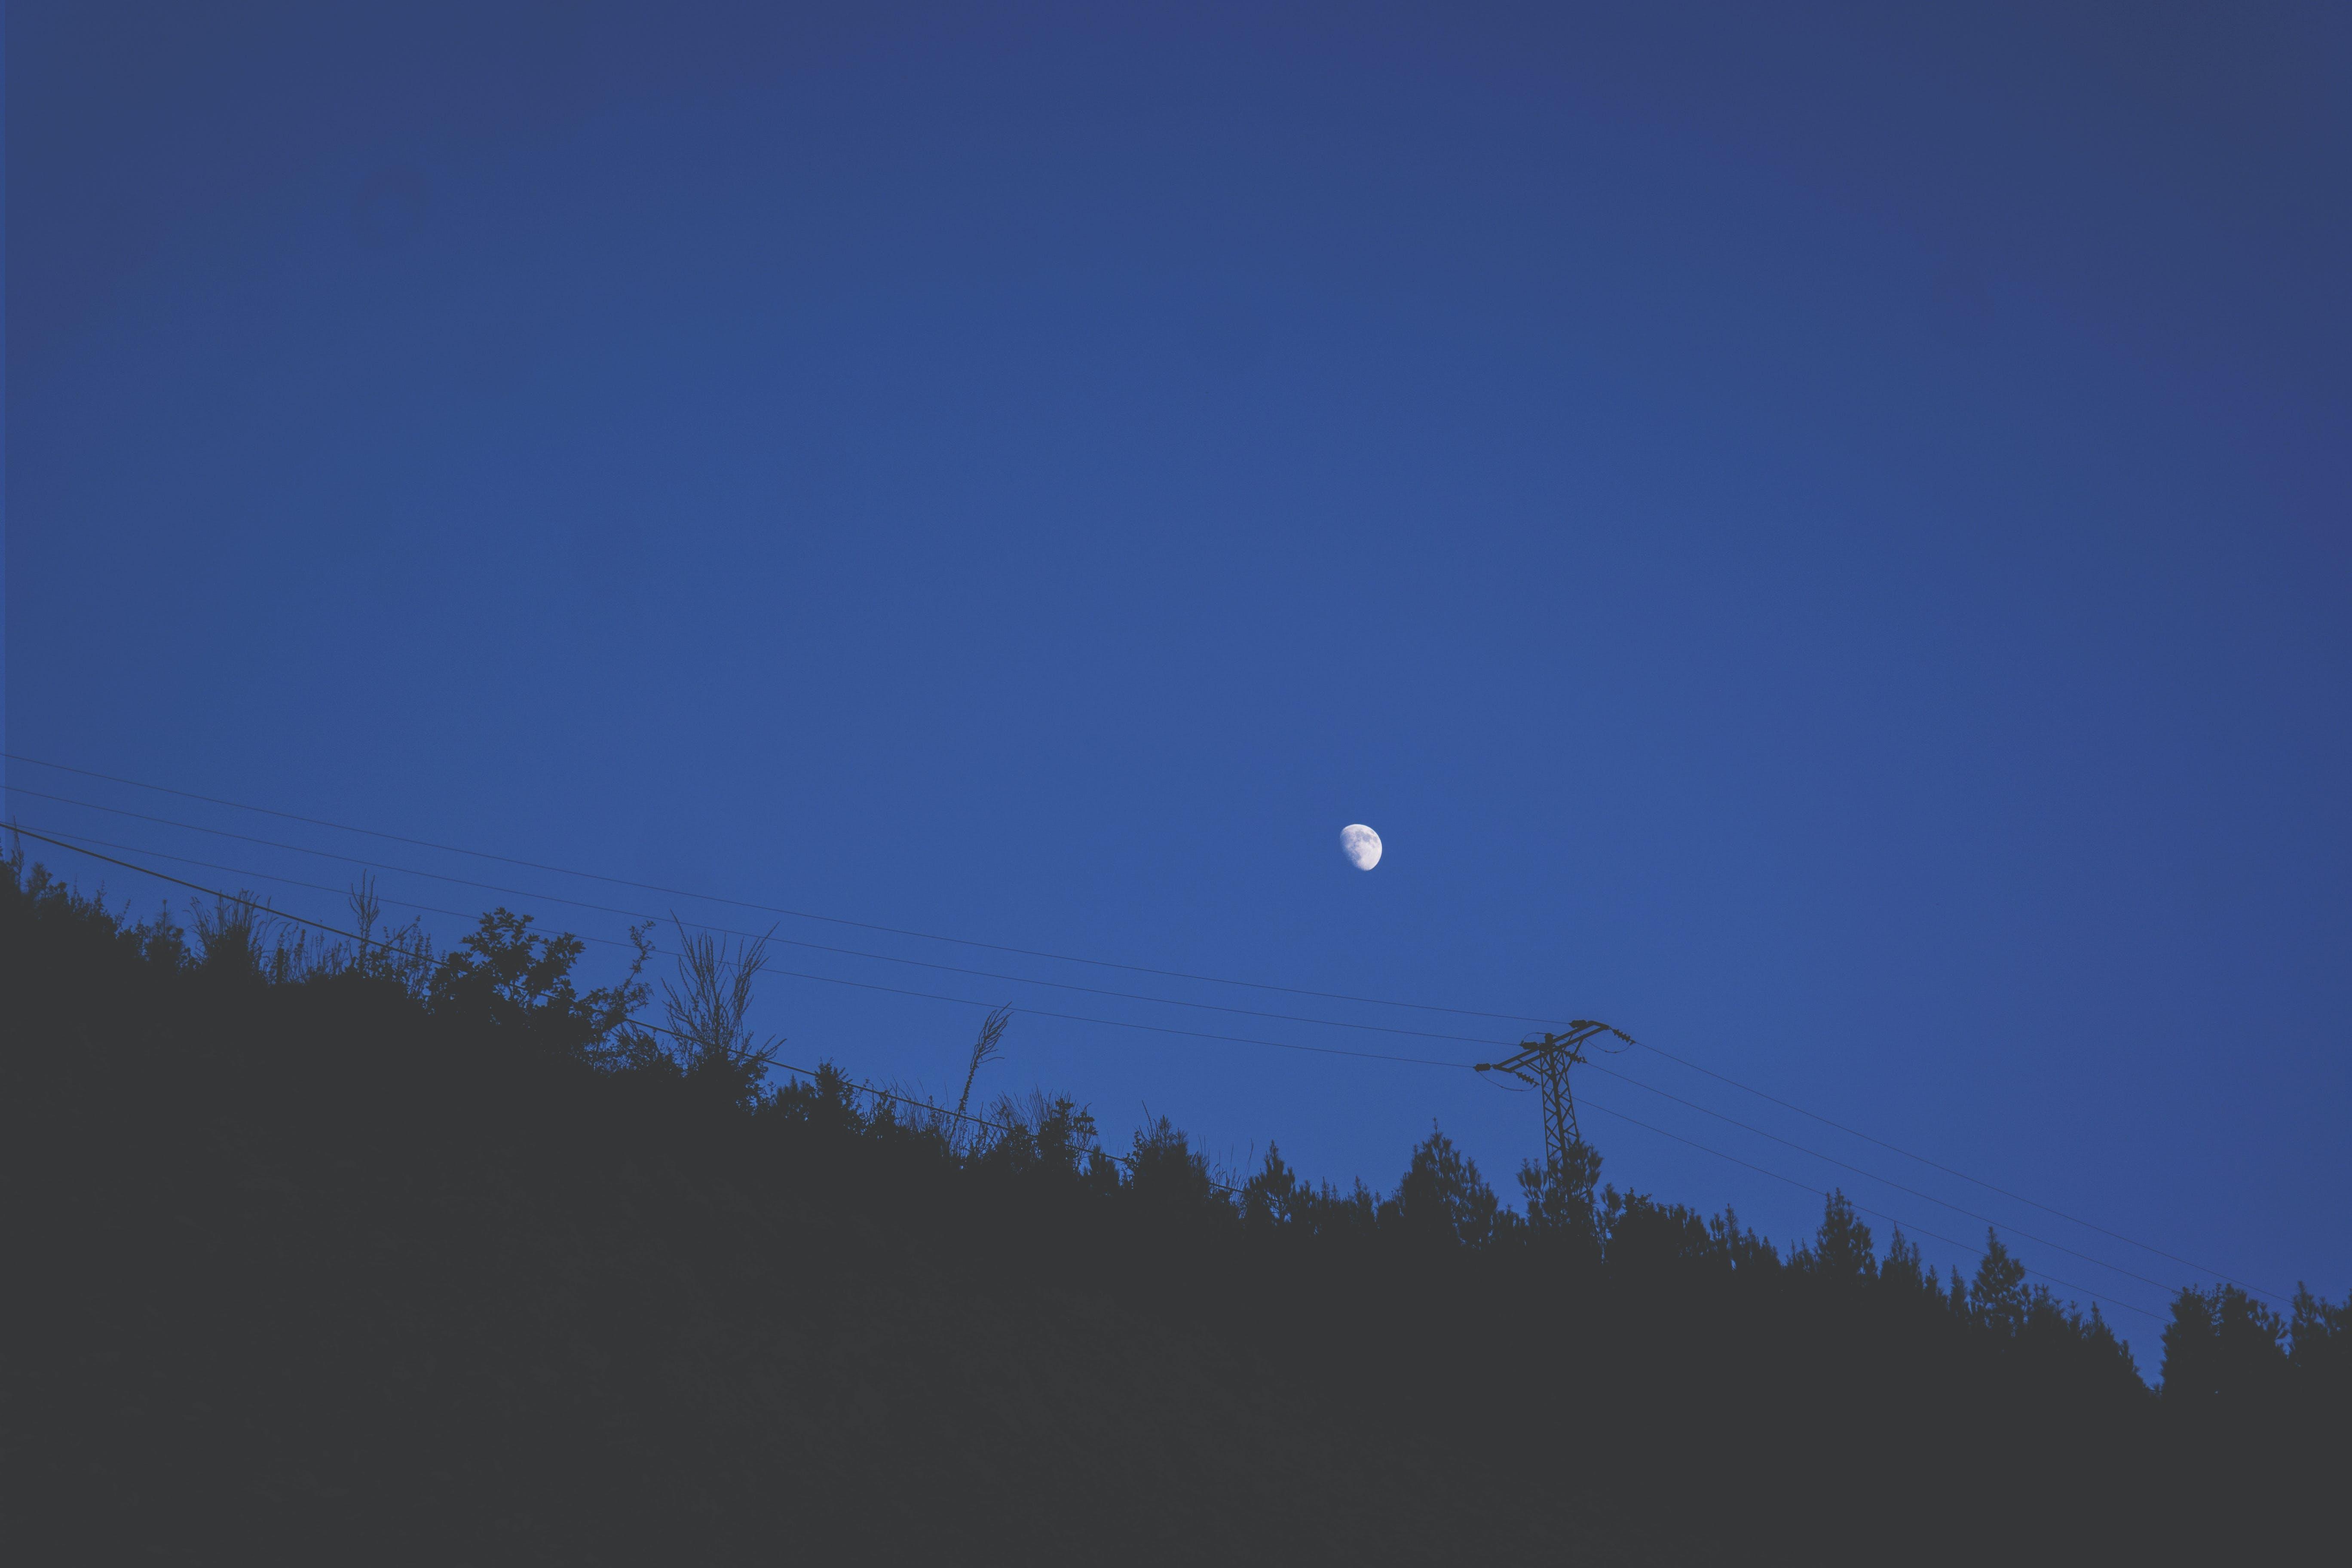 가벼운, 검은색, 경치, 나무의 무료 스톡 사진